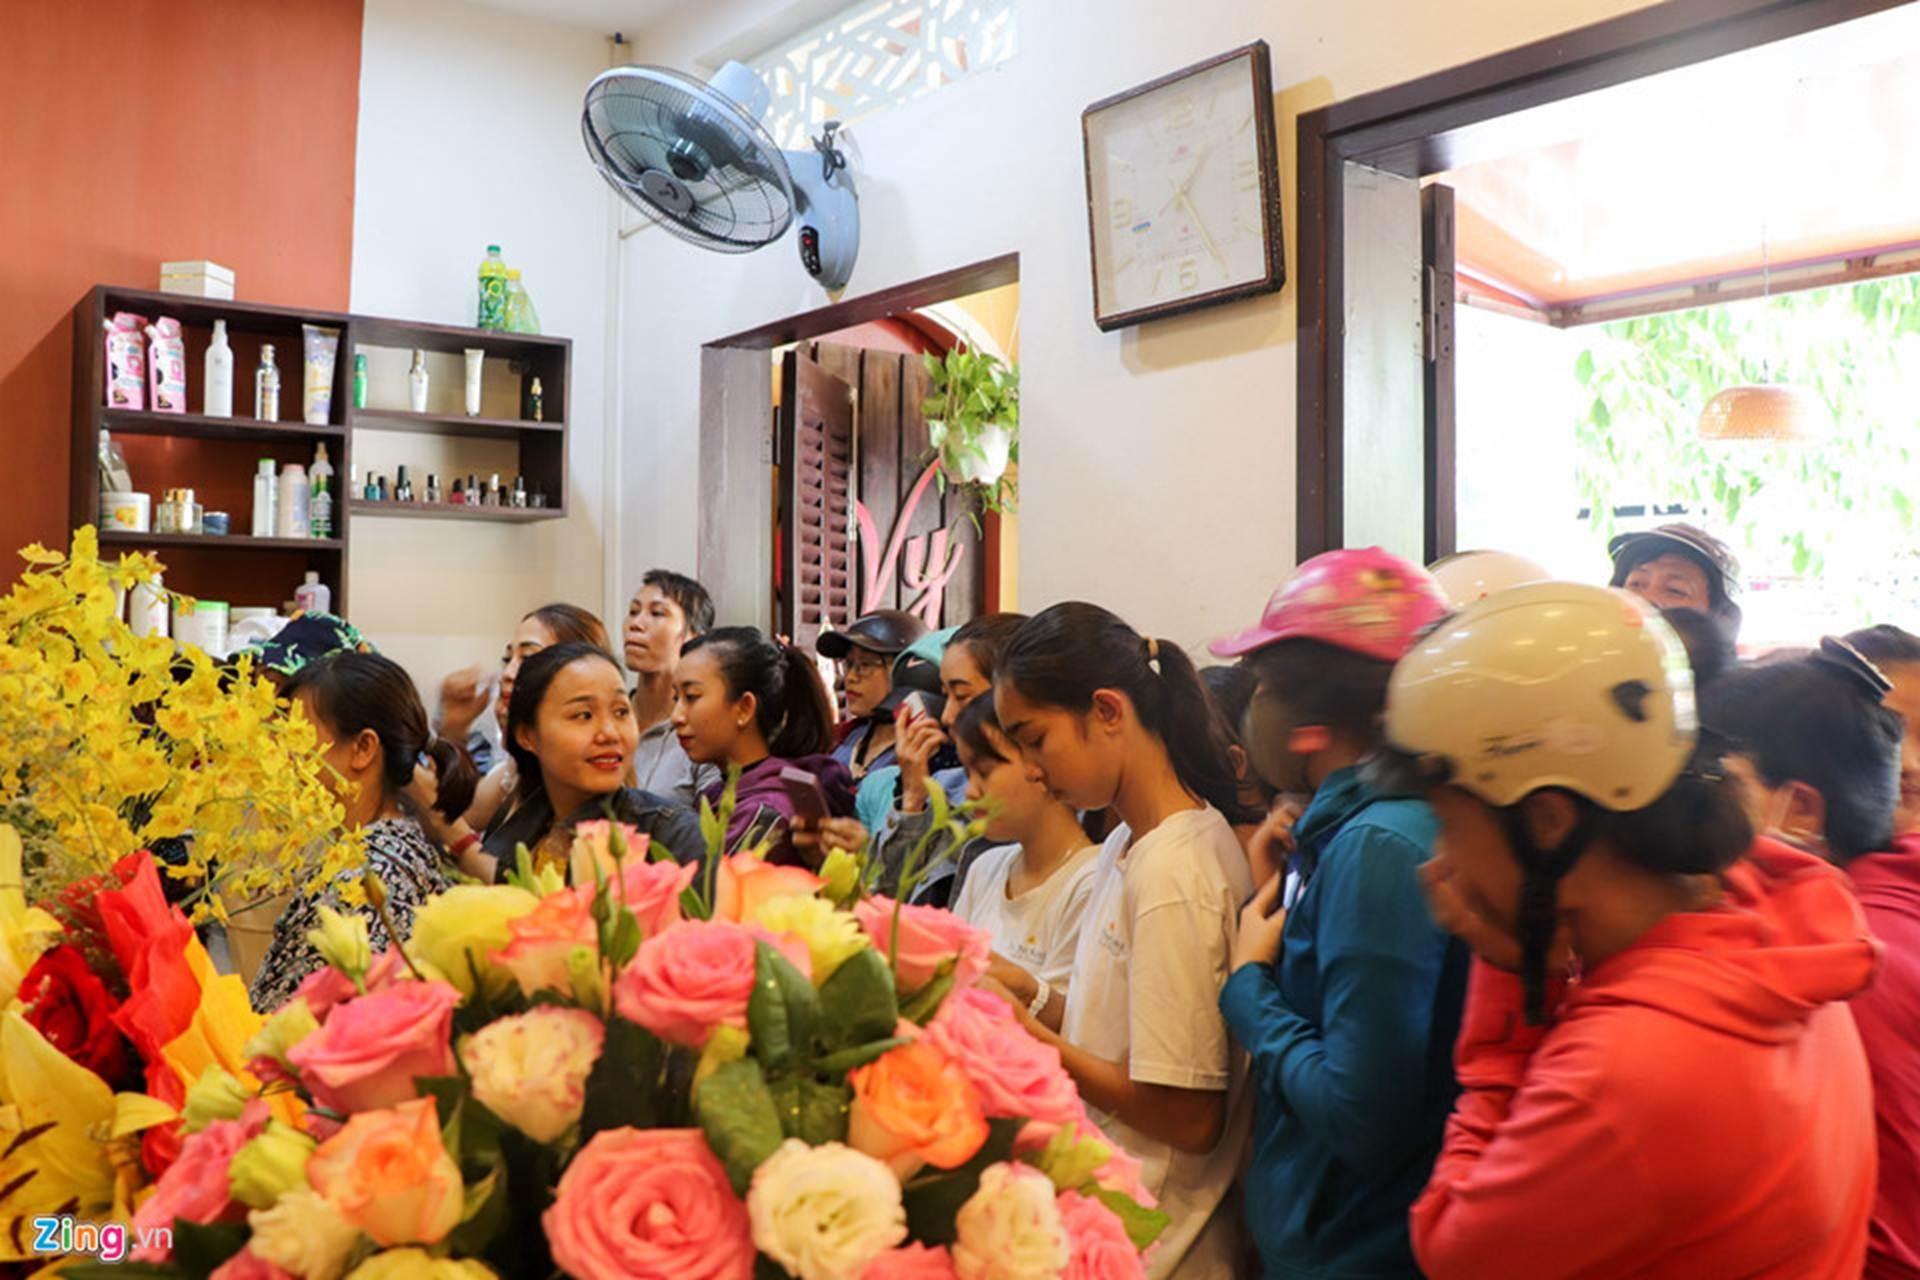 Gia đình đãi tiệc mừng đón Hoa hậu Trần Tiểu Vy ở phố cổ Hội An-8